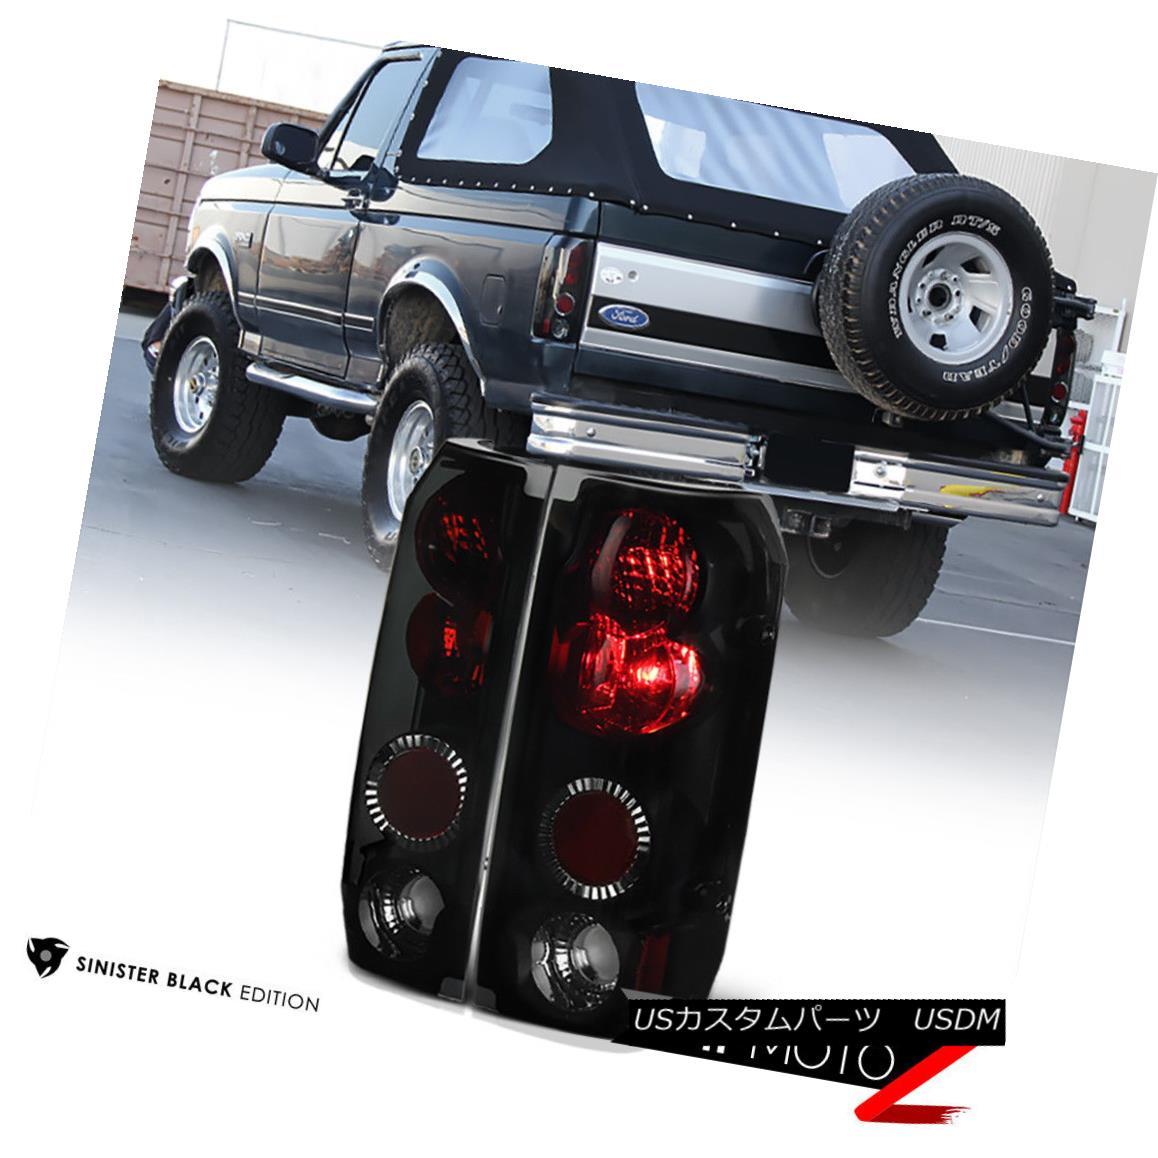 テールライト {SINISTER BLACK} L+R Tail Light Lamp Assembly FORD 1989-1996 F150 1992-96 Bronco {SINISTER BLACK} L + RテールライトランプアセンブリFORD 1989-1996 F150 1992-96 Bronco